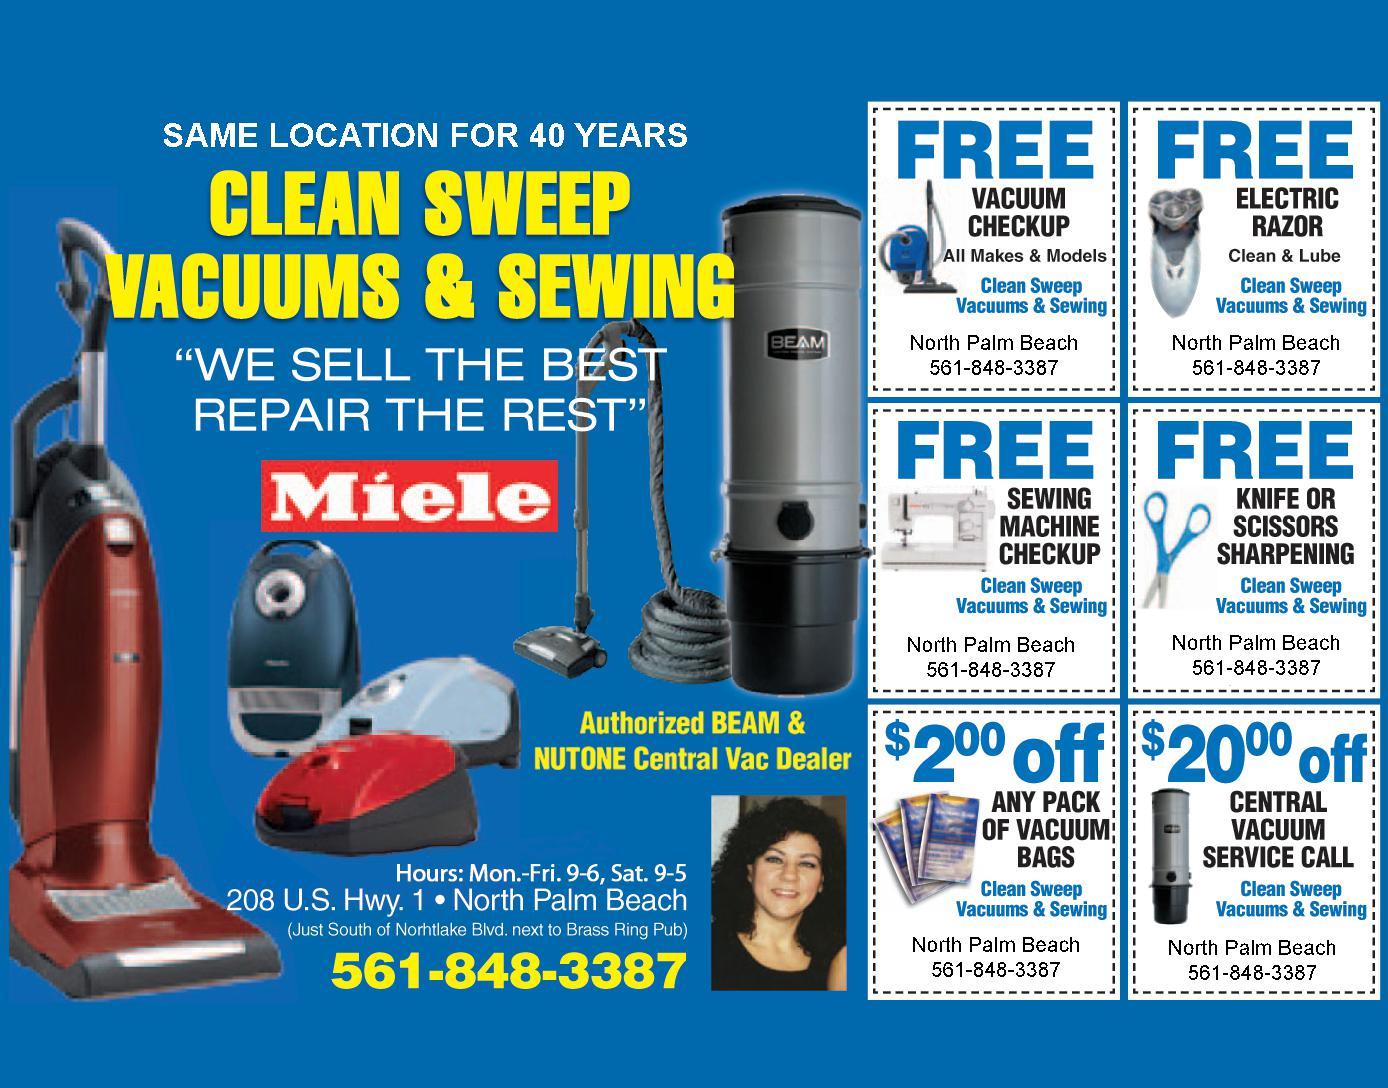 Clean Sweep Vacuum & Sewing